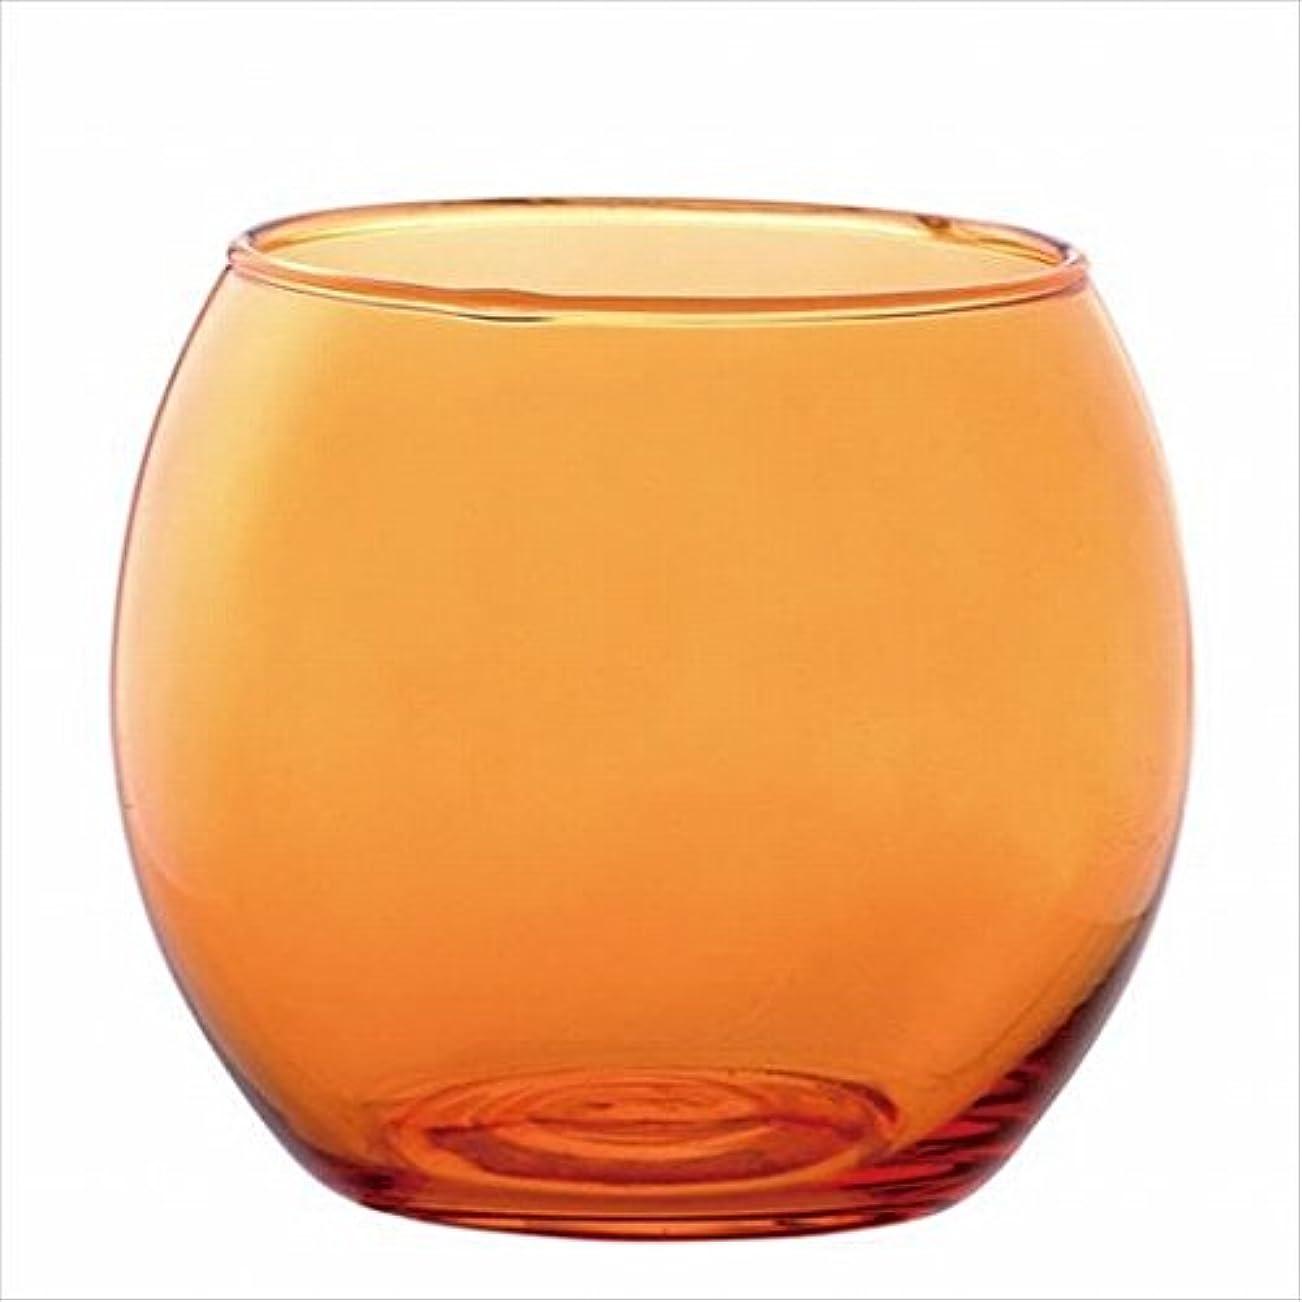 国家勃起島カメヤマキャンドル( kameyama candle ) スフィアキャンドルホルダー 「 オレンジ 」